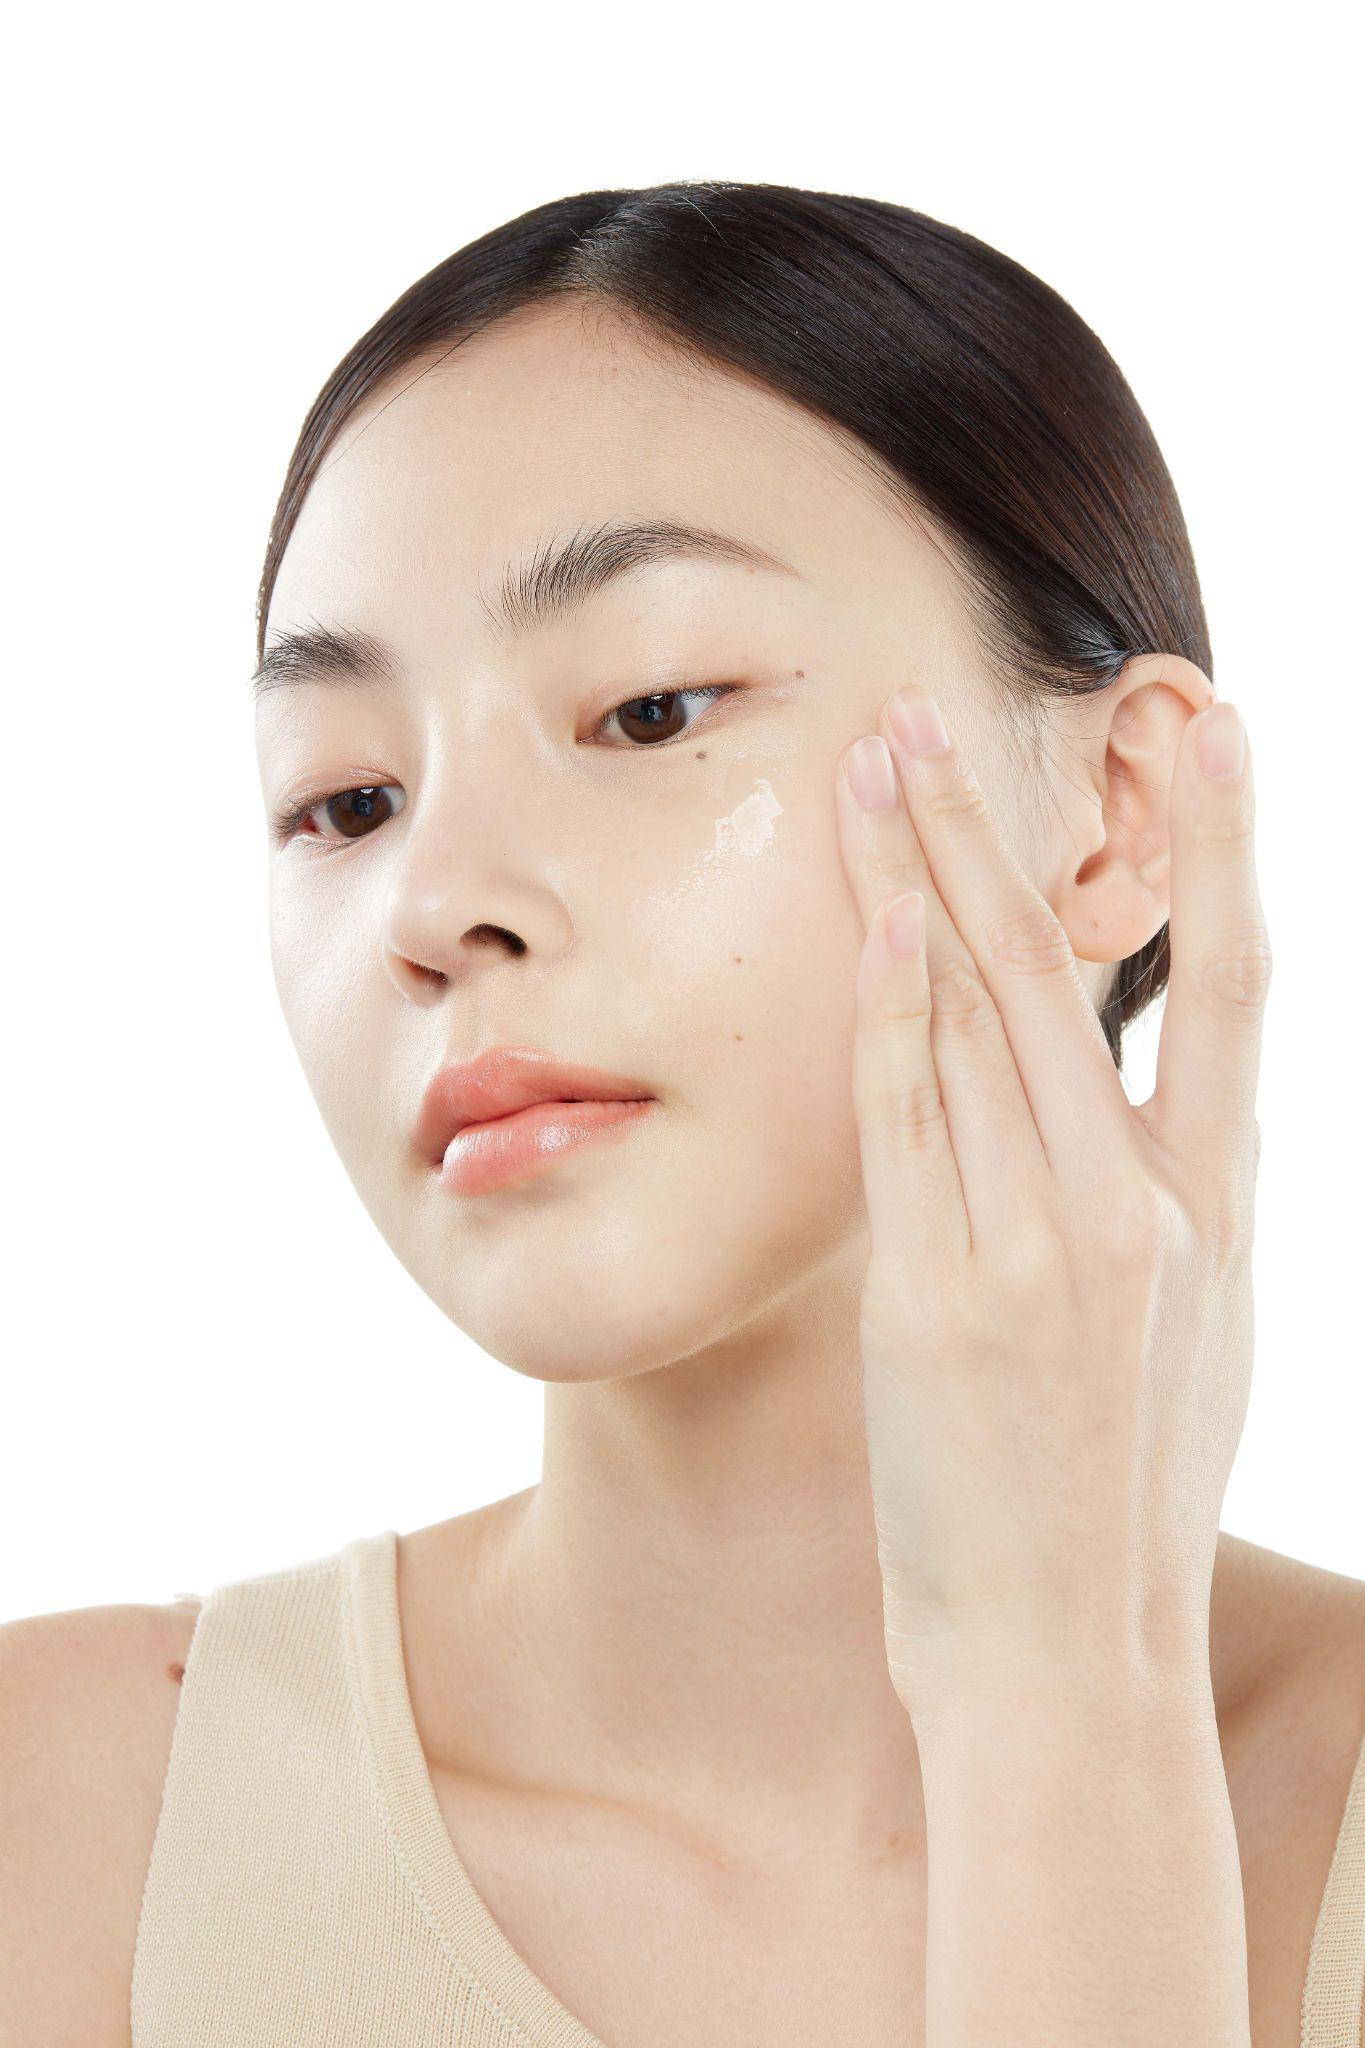 Lọ serum kinh điển được các cô gái Hàn tin dùng để da mọng nước không lỗ chân lông ngay giữa hè - Ảnh 1.